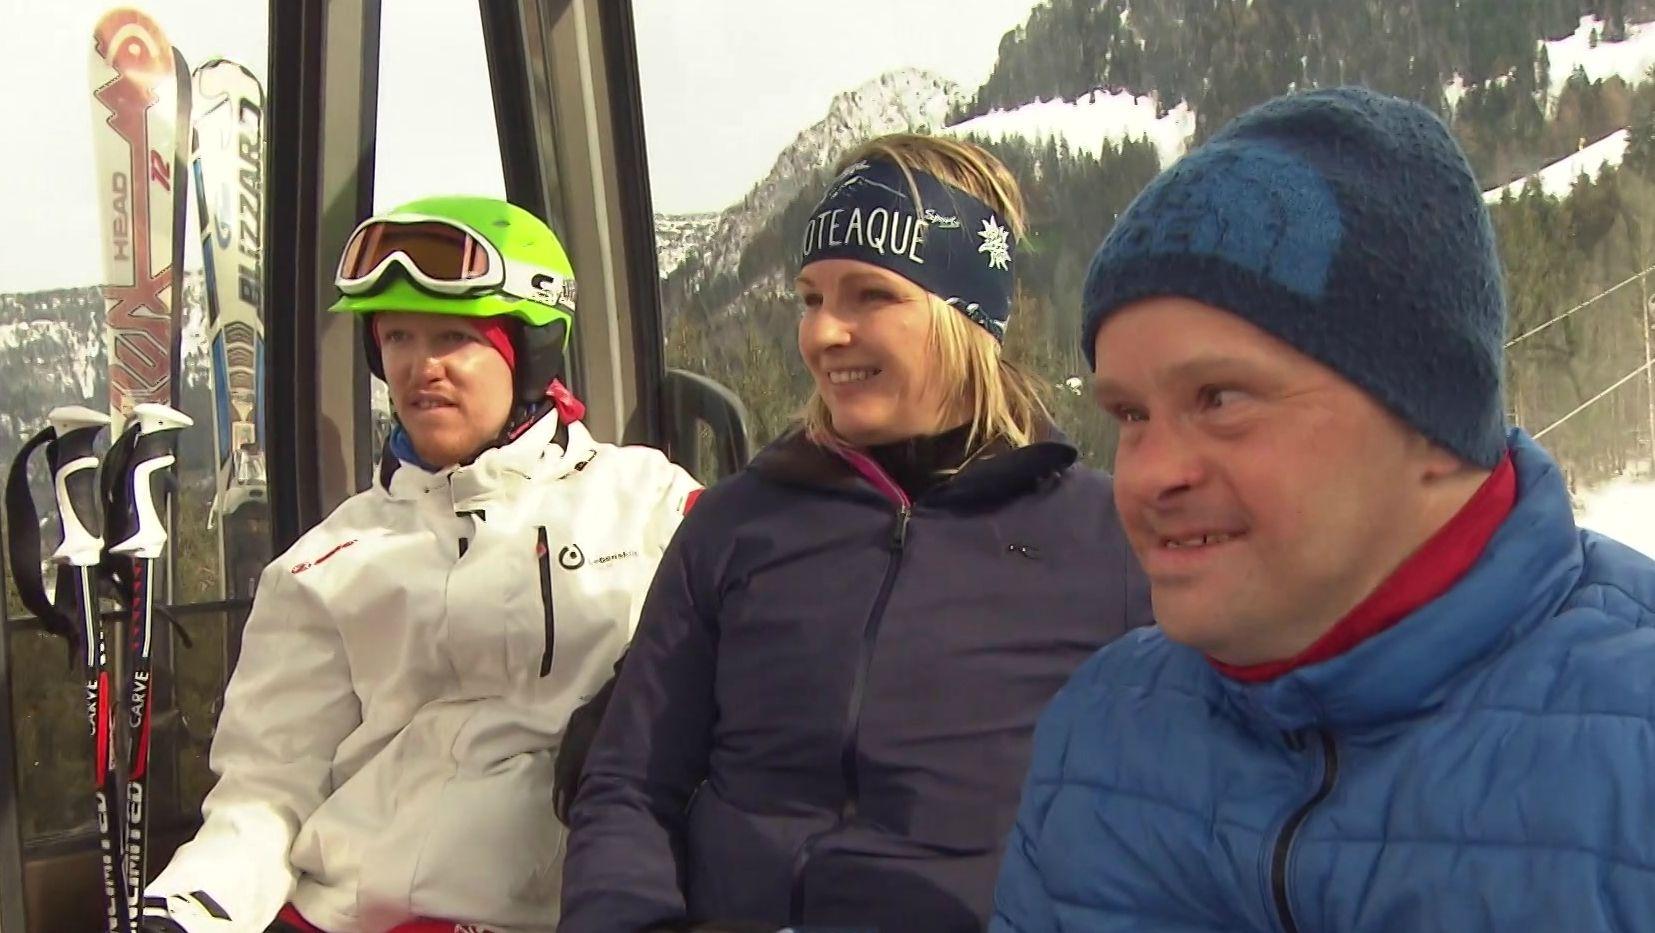 Hilde Gerg (Mitte) in der Gondel mit zwei Special-Olympics-Teilnehmern